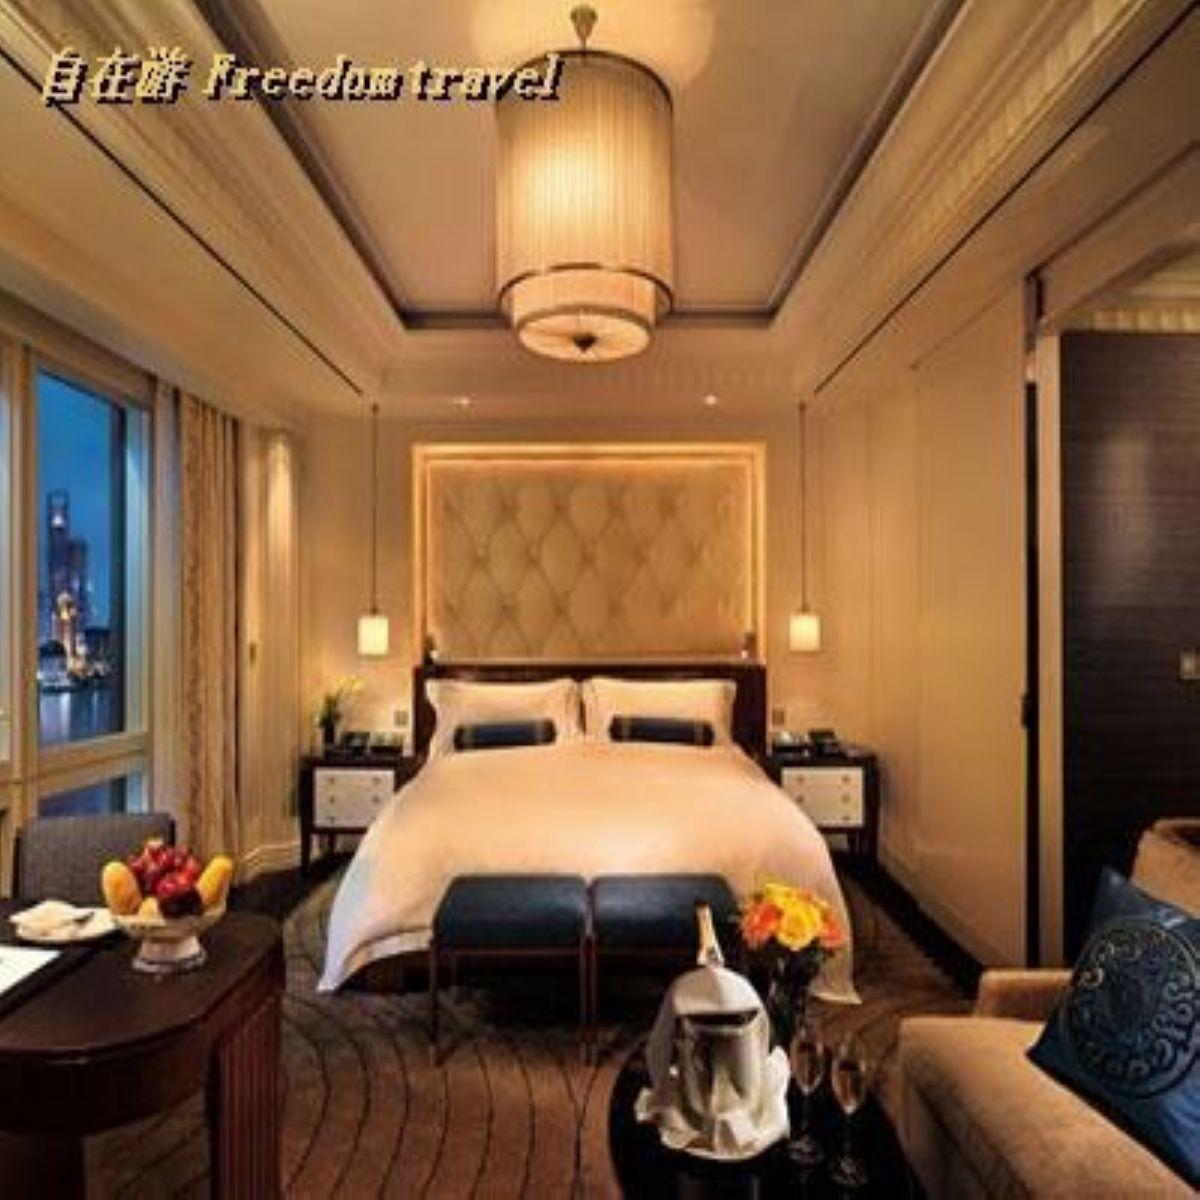 香港半岛酒店 peninsula hotel hongkong